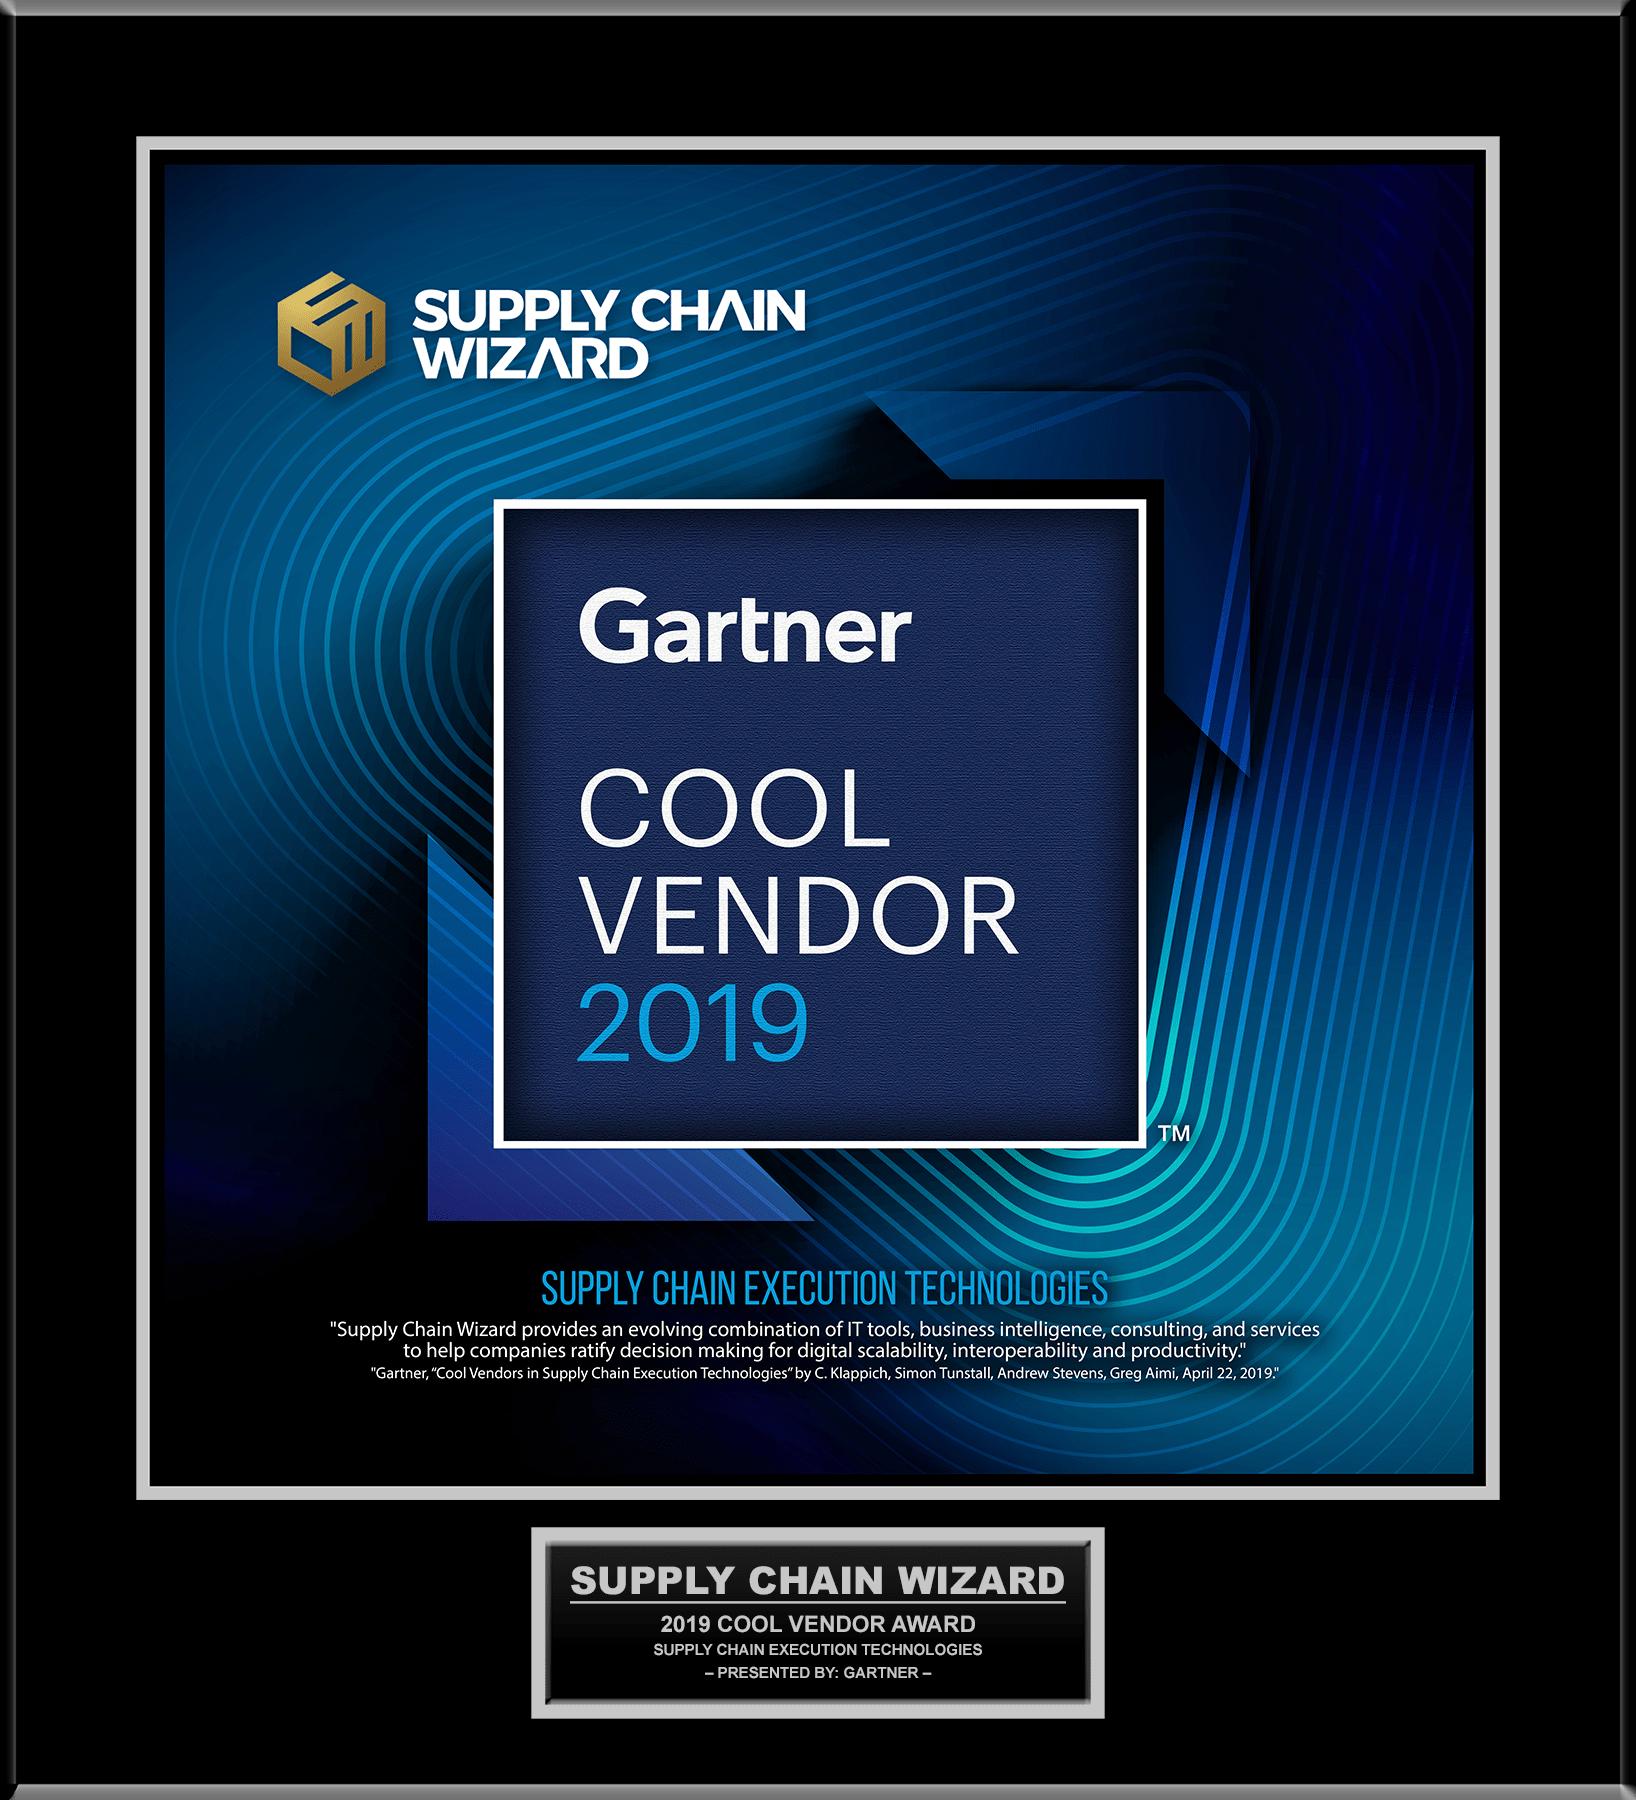 Gartner - Cool Vendor - 2019